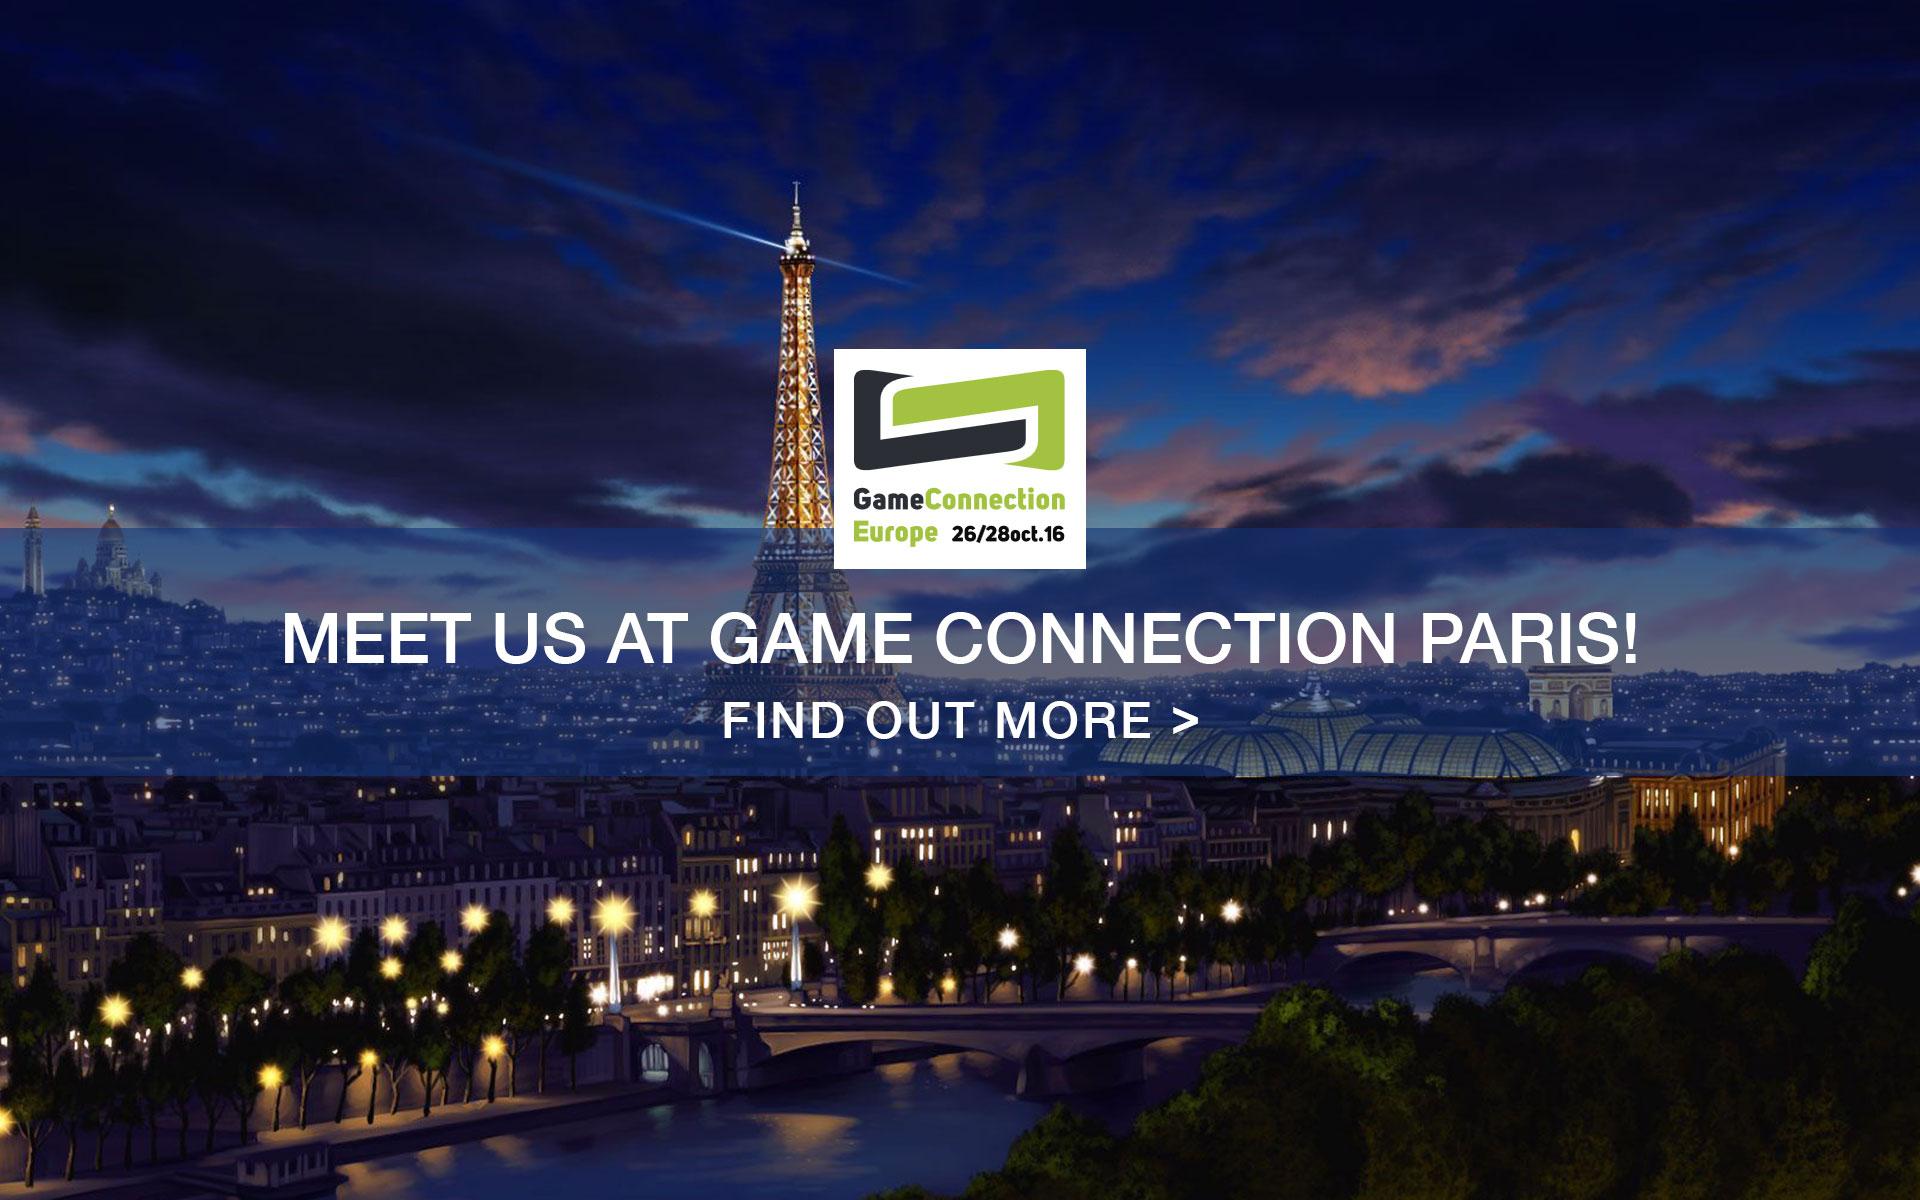 Game Connection Paris